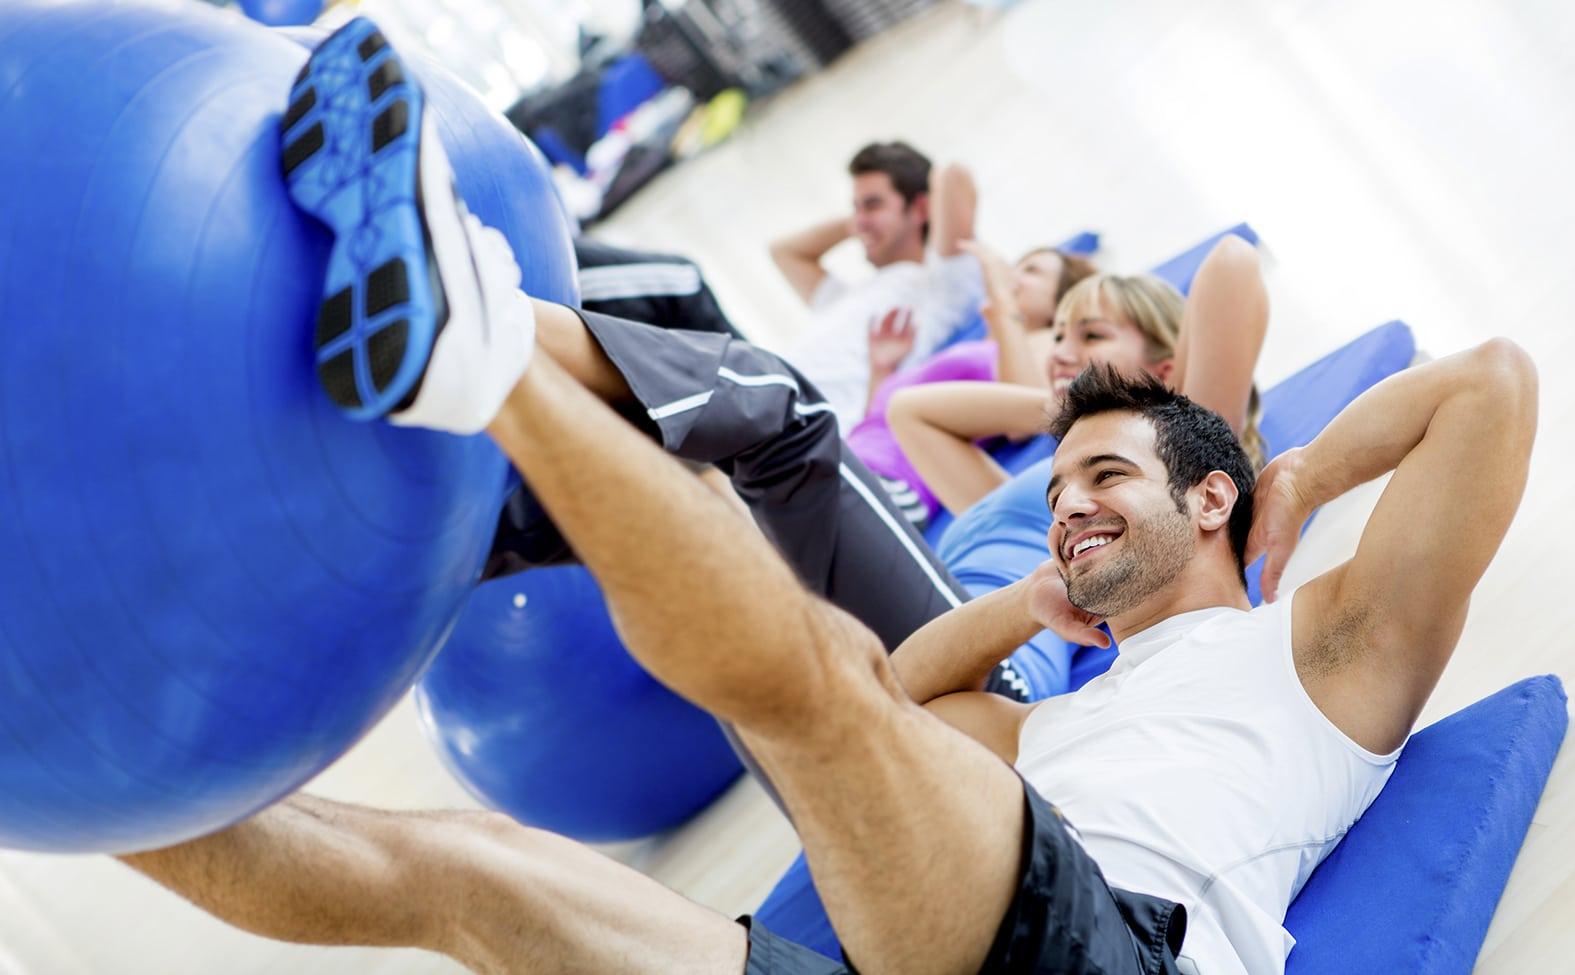 El entrenamiento funcional en tu altafit gym club for Entrenamiento gimnasio